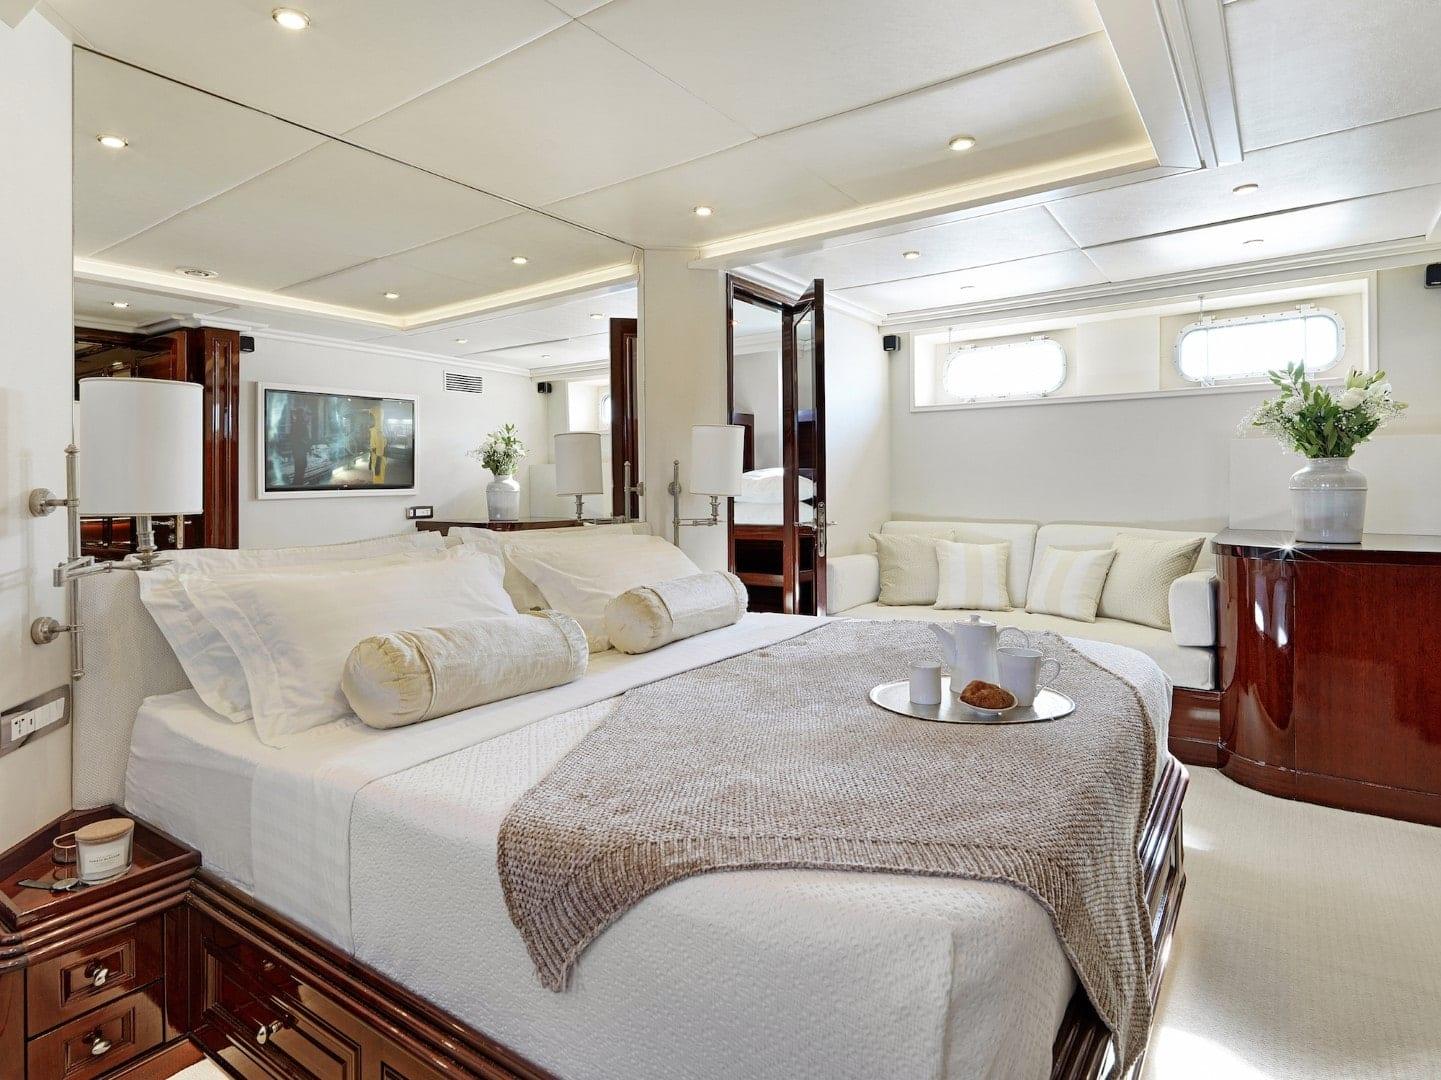 cabin on yacht Mia Zoi